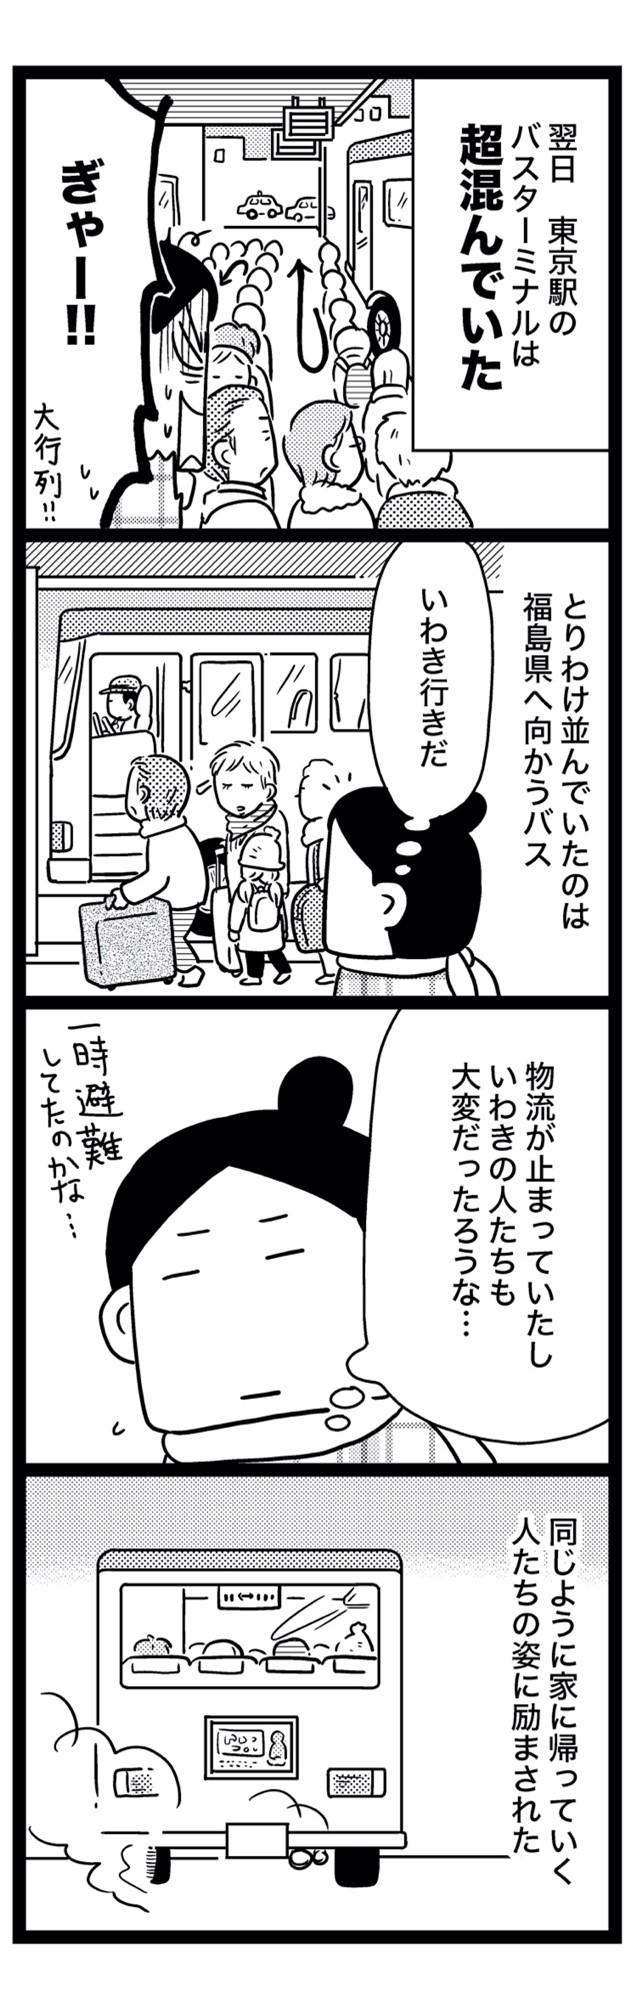 sinsai8-2